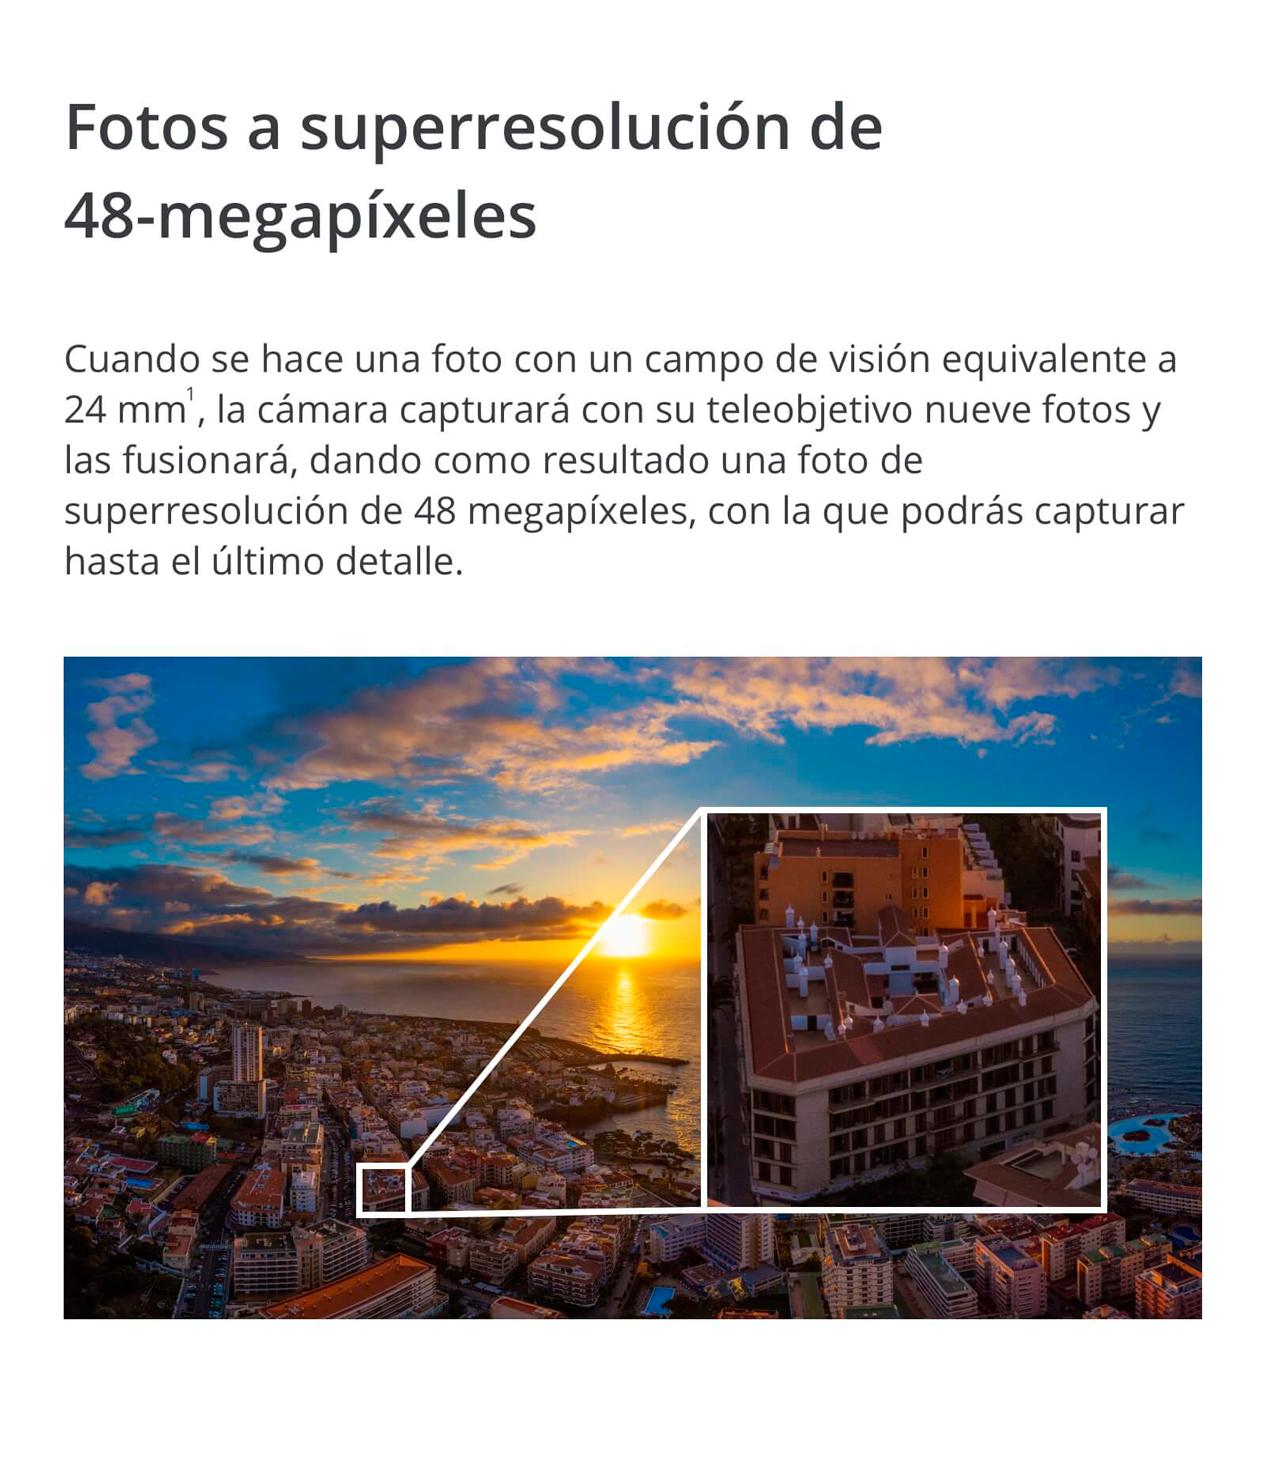 DJI MAVIC 2 PRO - Fotos a superresolución de 48 megapíxeles